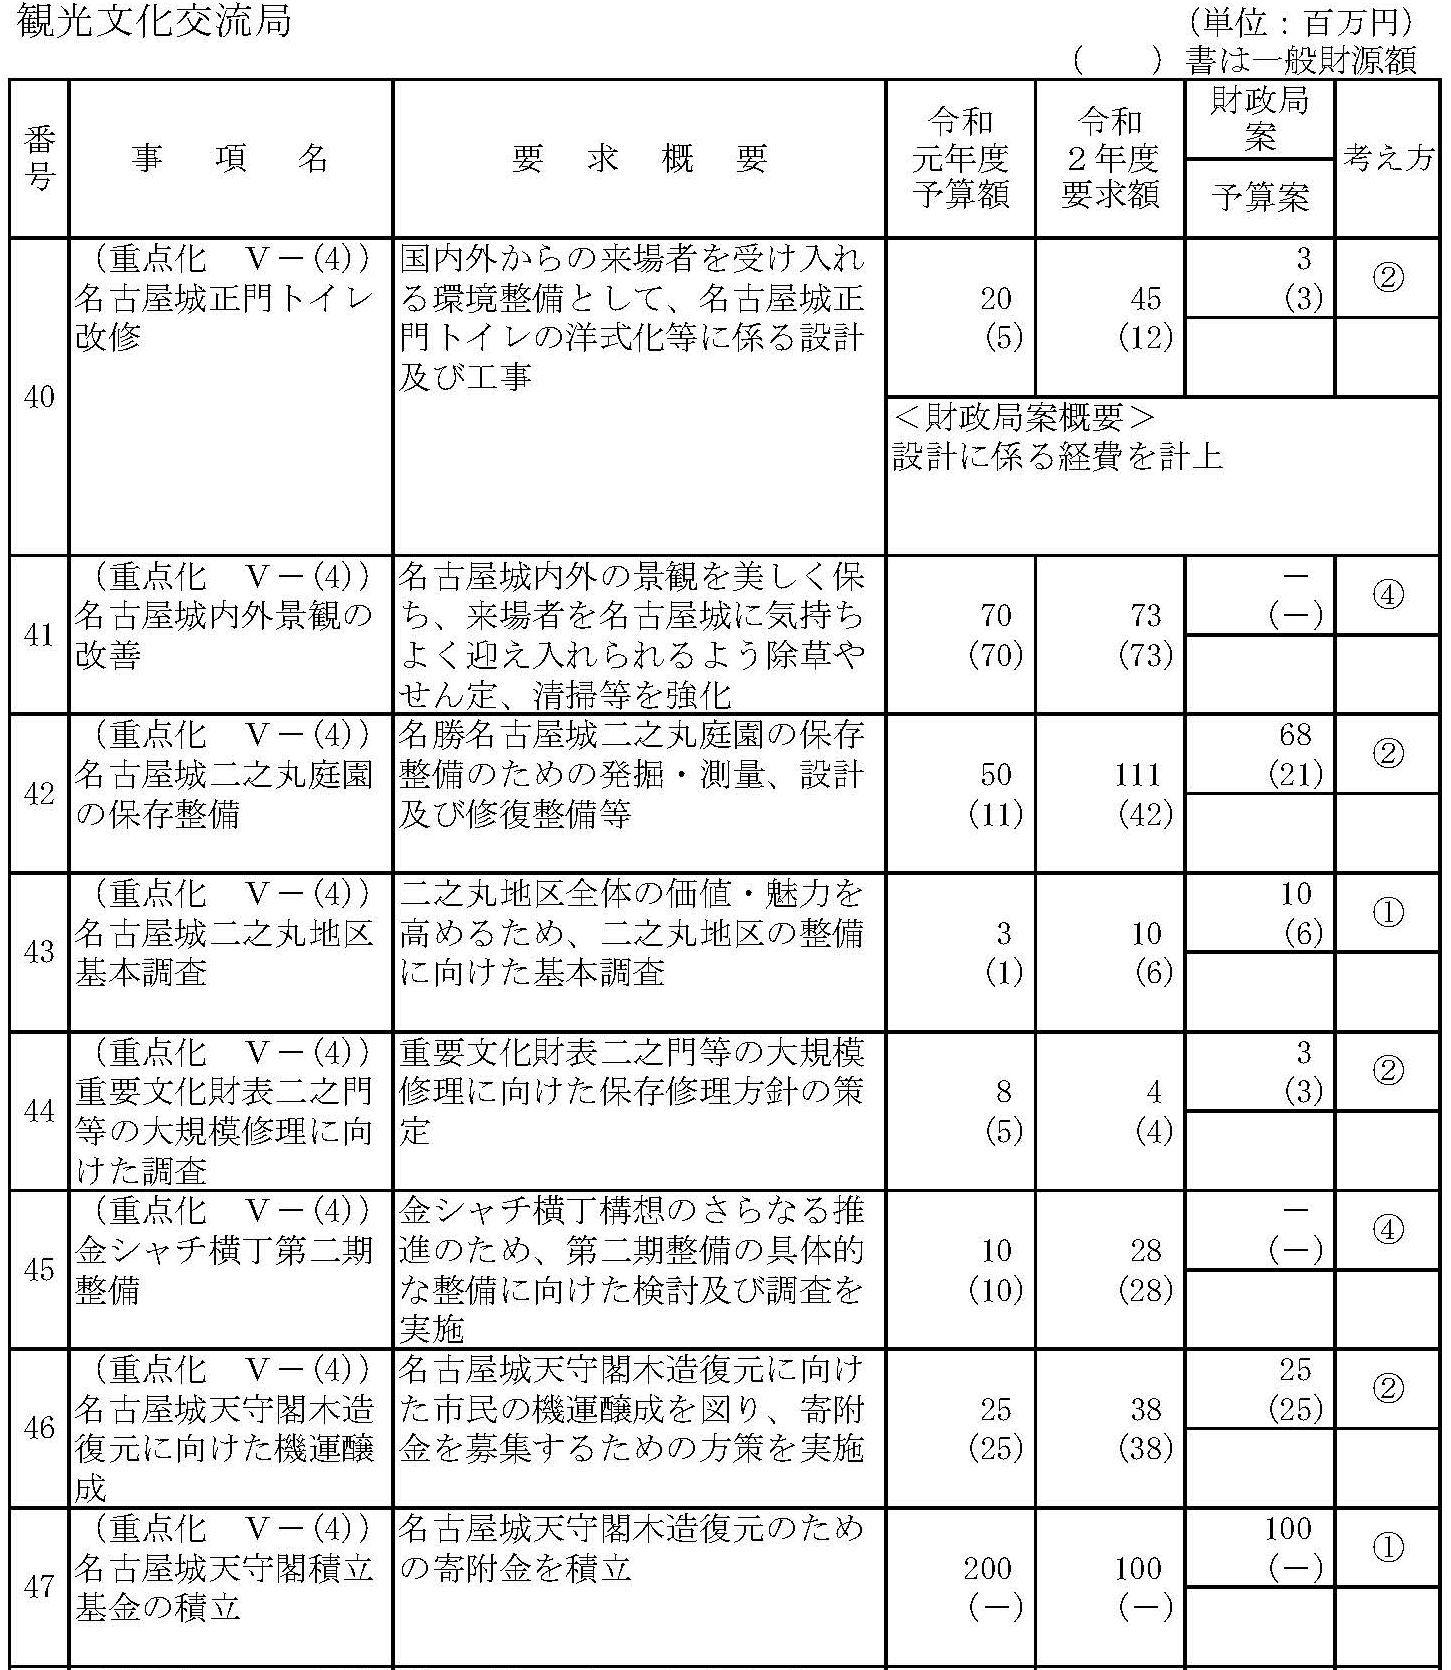 名古屋市予算財政局案 名古屋城歴史博物館計上せず_d0011701_21211089.jpg